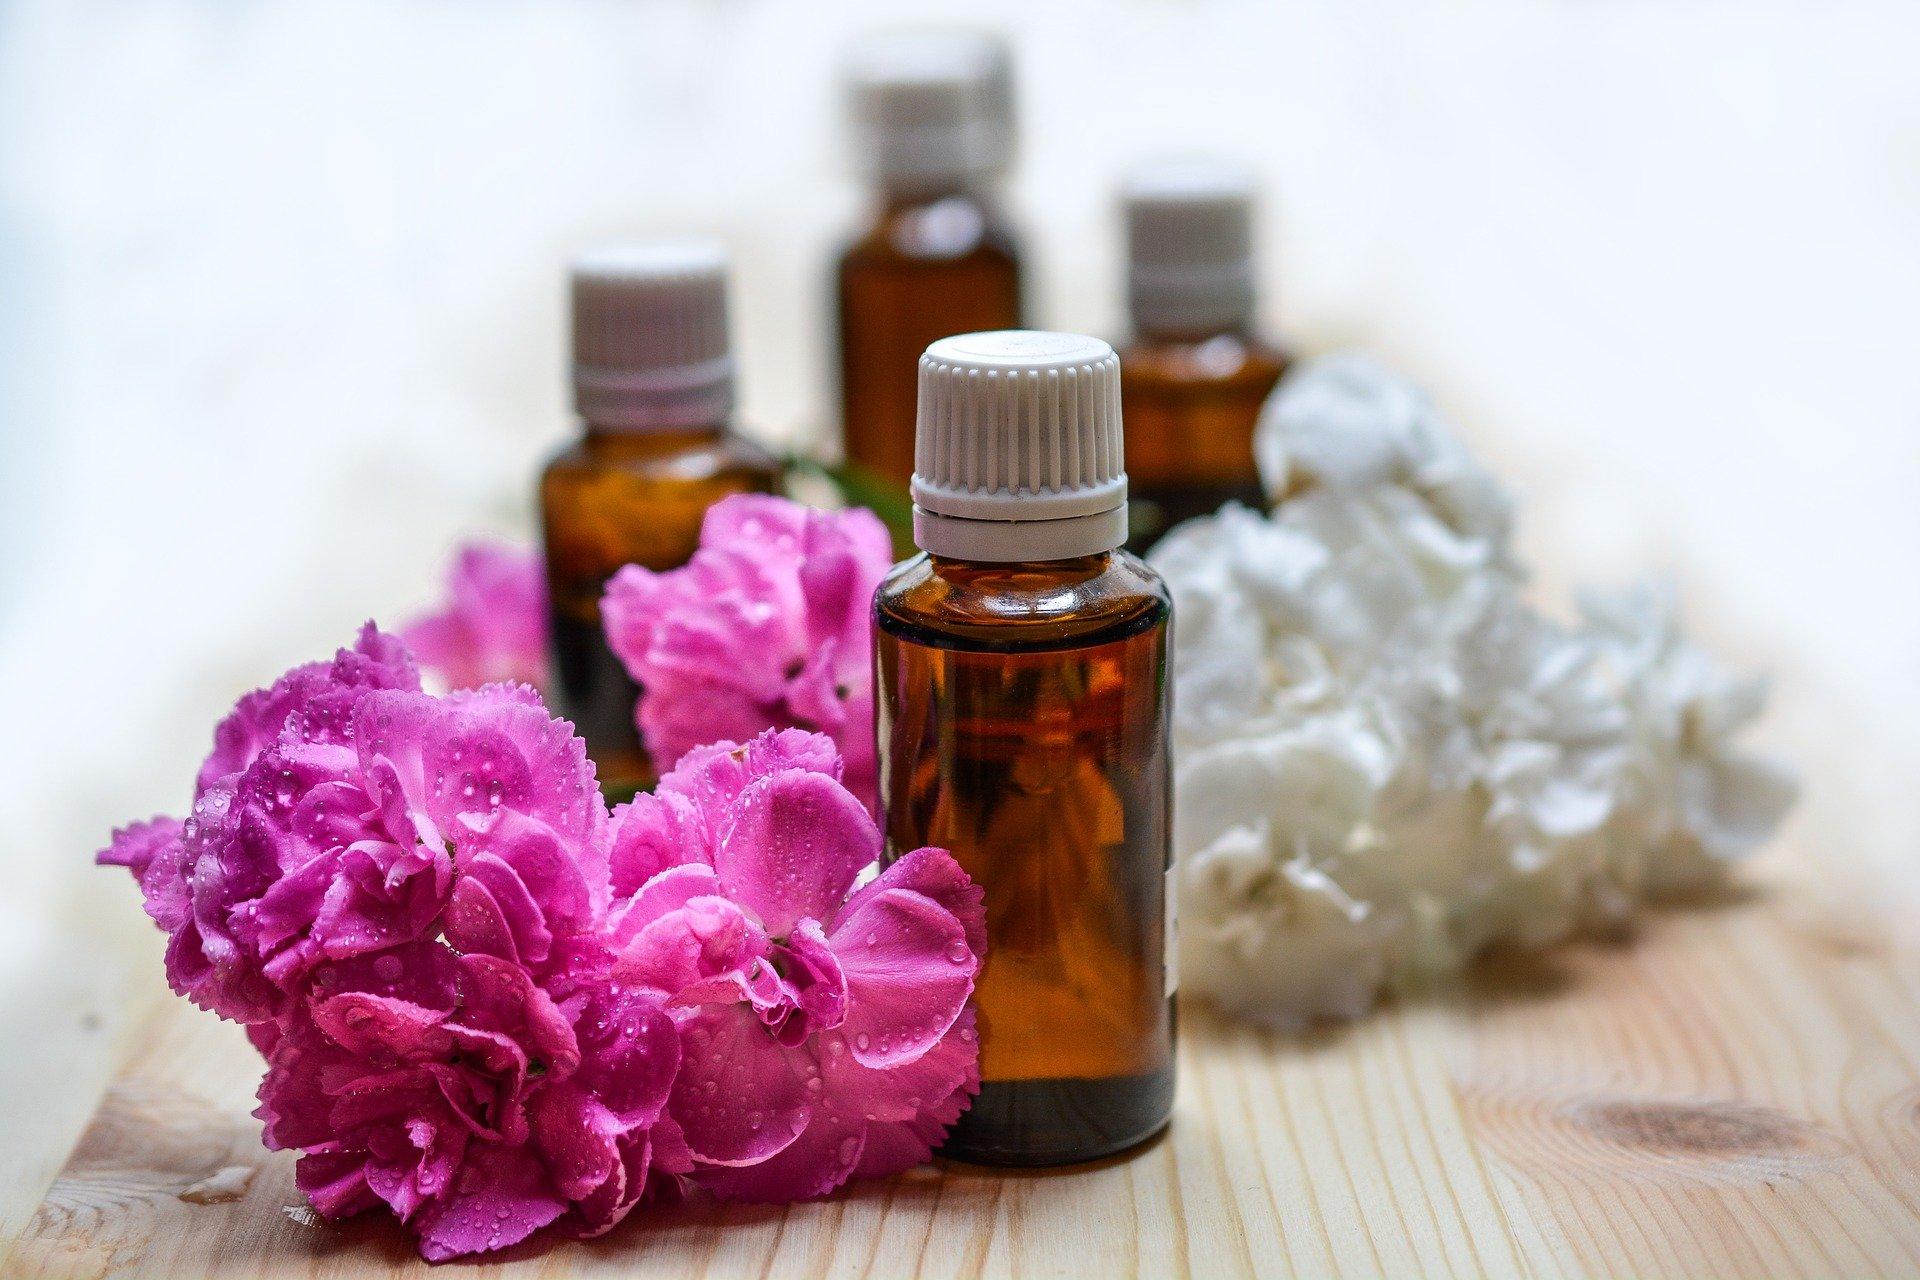 Les huiles essentielles et le parfum sont de réels plaisirs pour notre odorat.